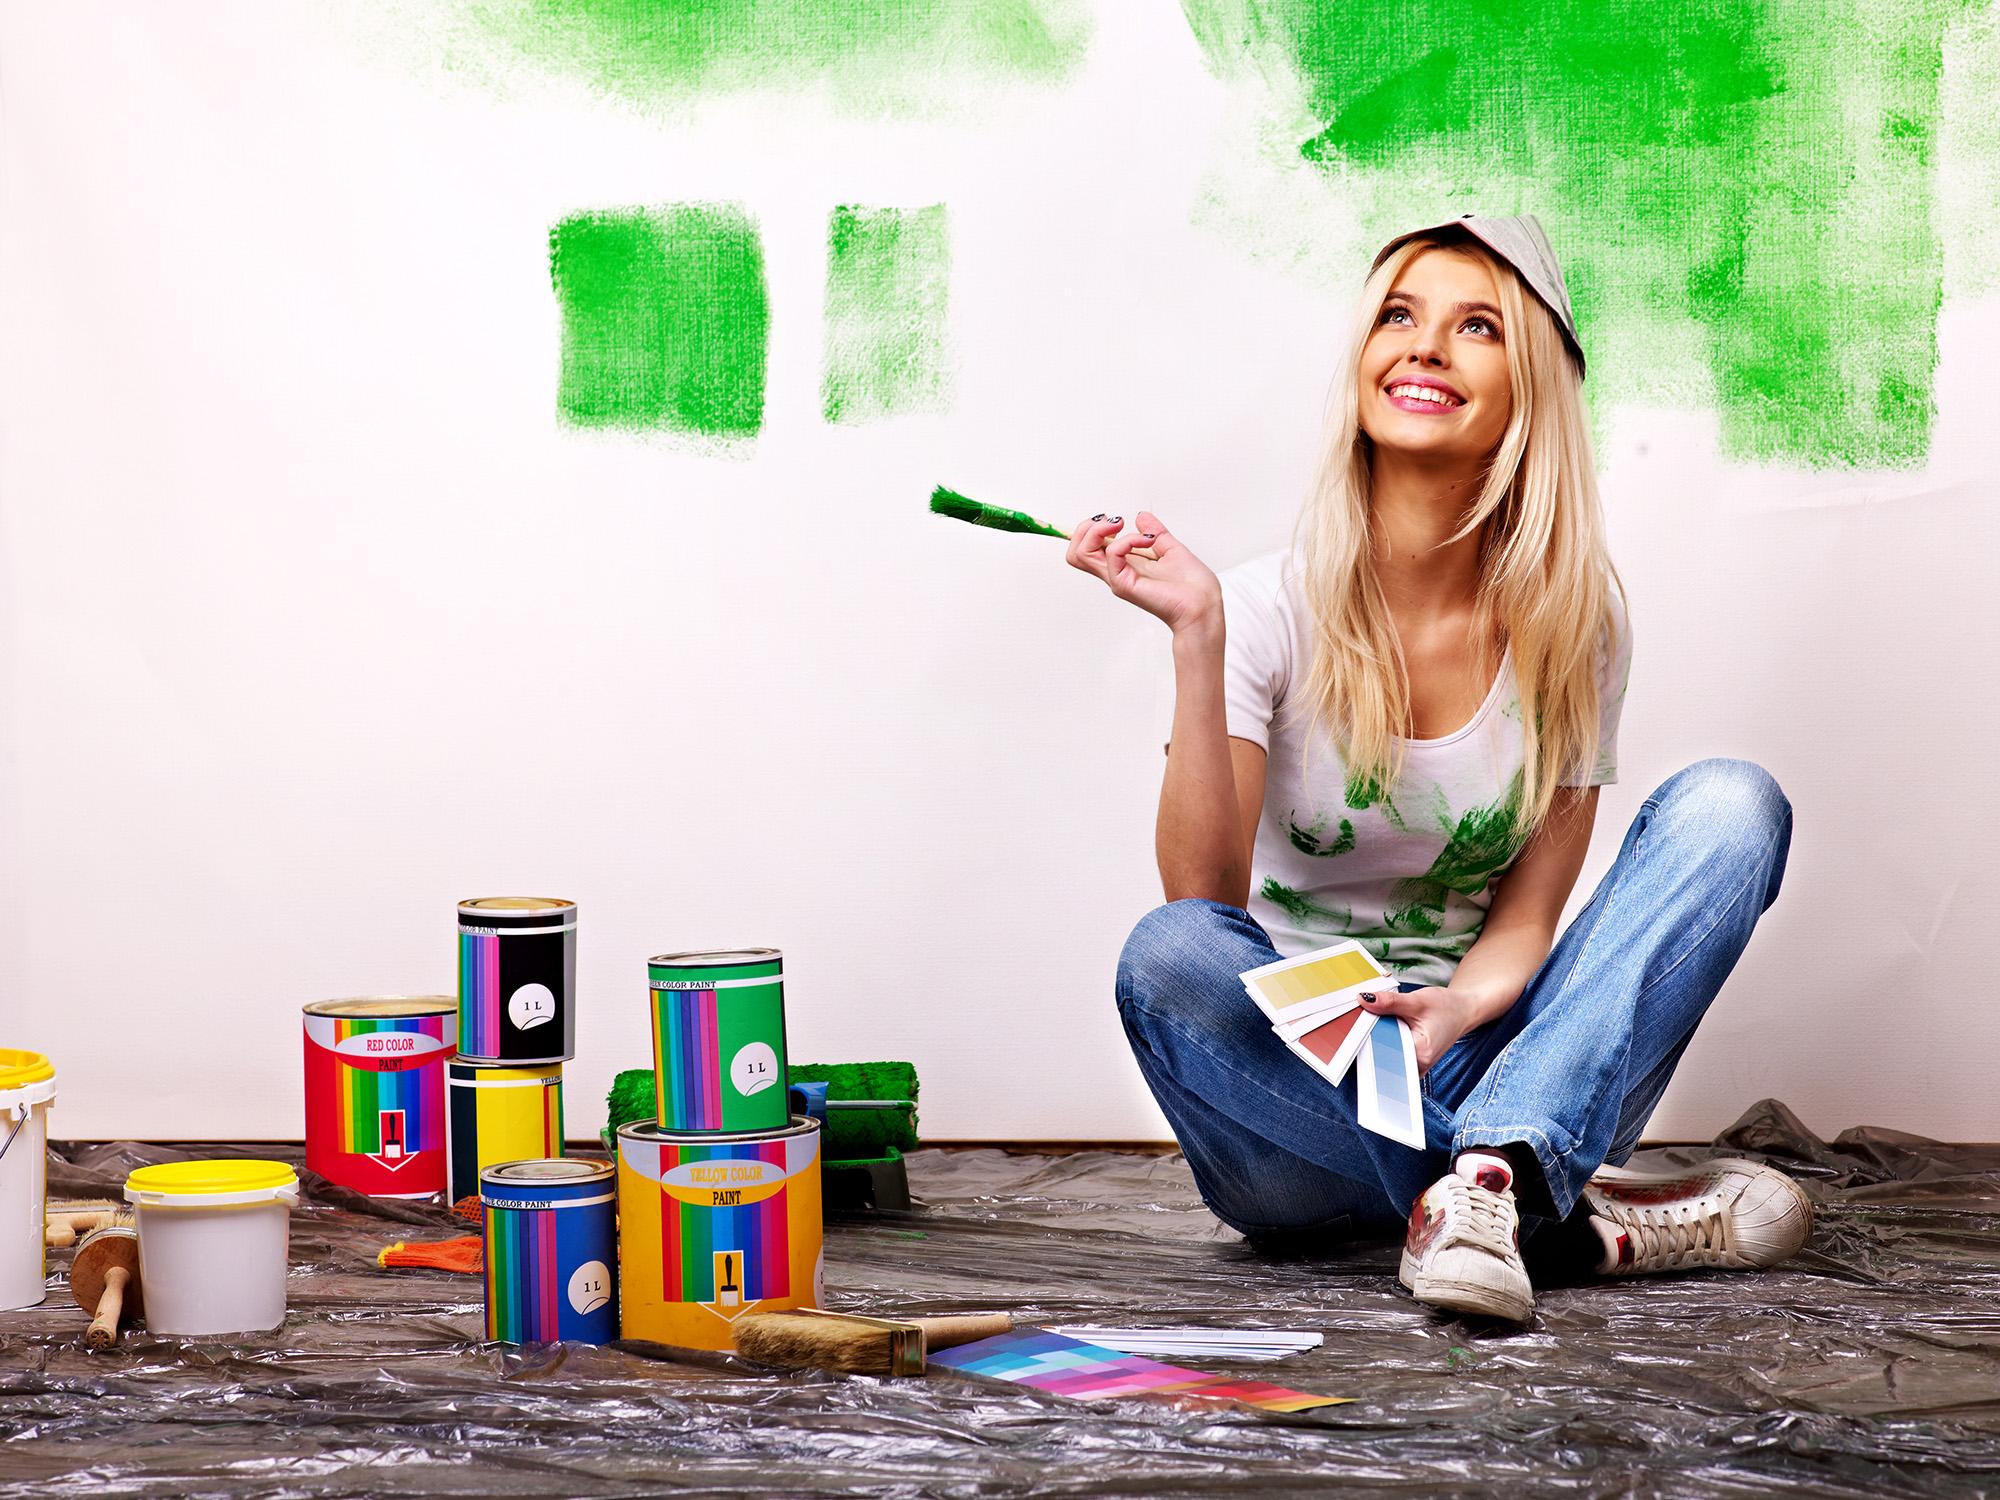 Resim çizebilir, boyama ve el sanatları ile ilgilenebilirsiniz.